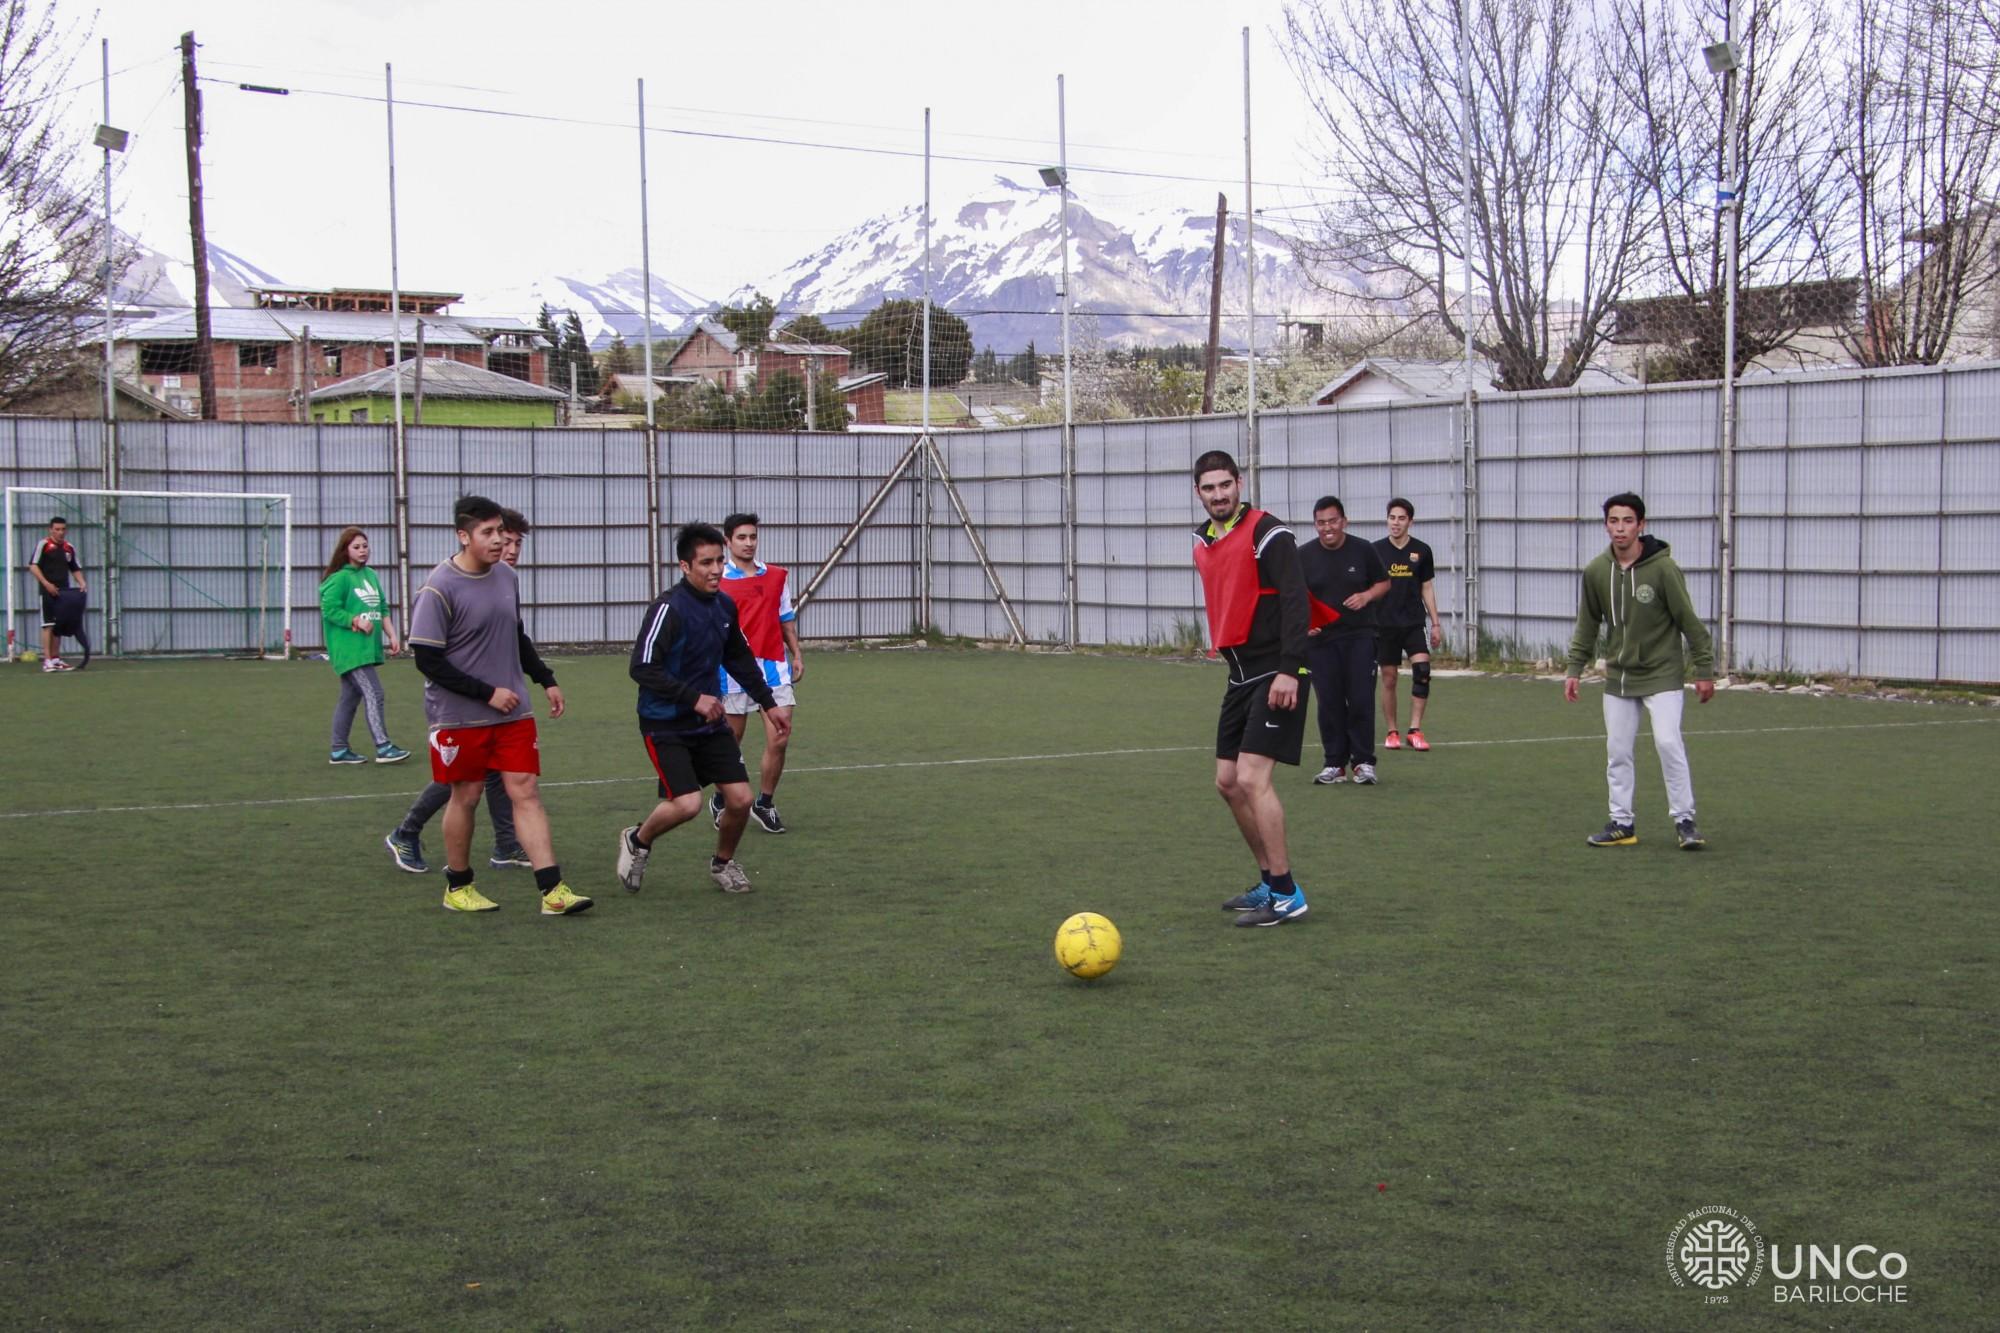 Práctica de fútbol en el Club Estudiantes